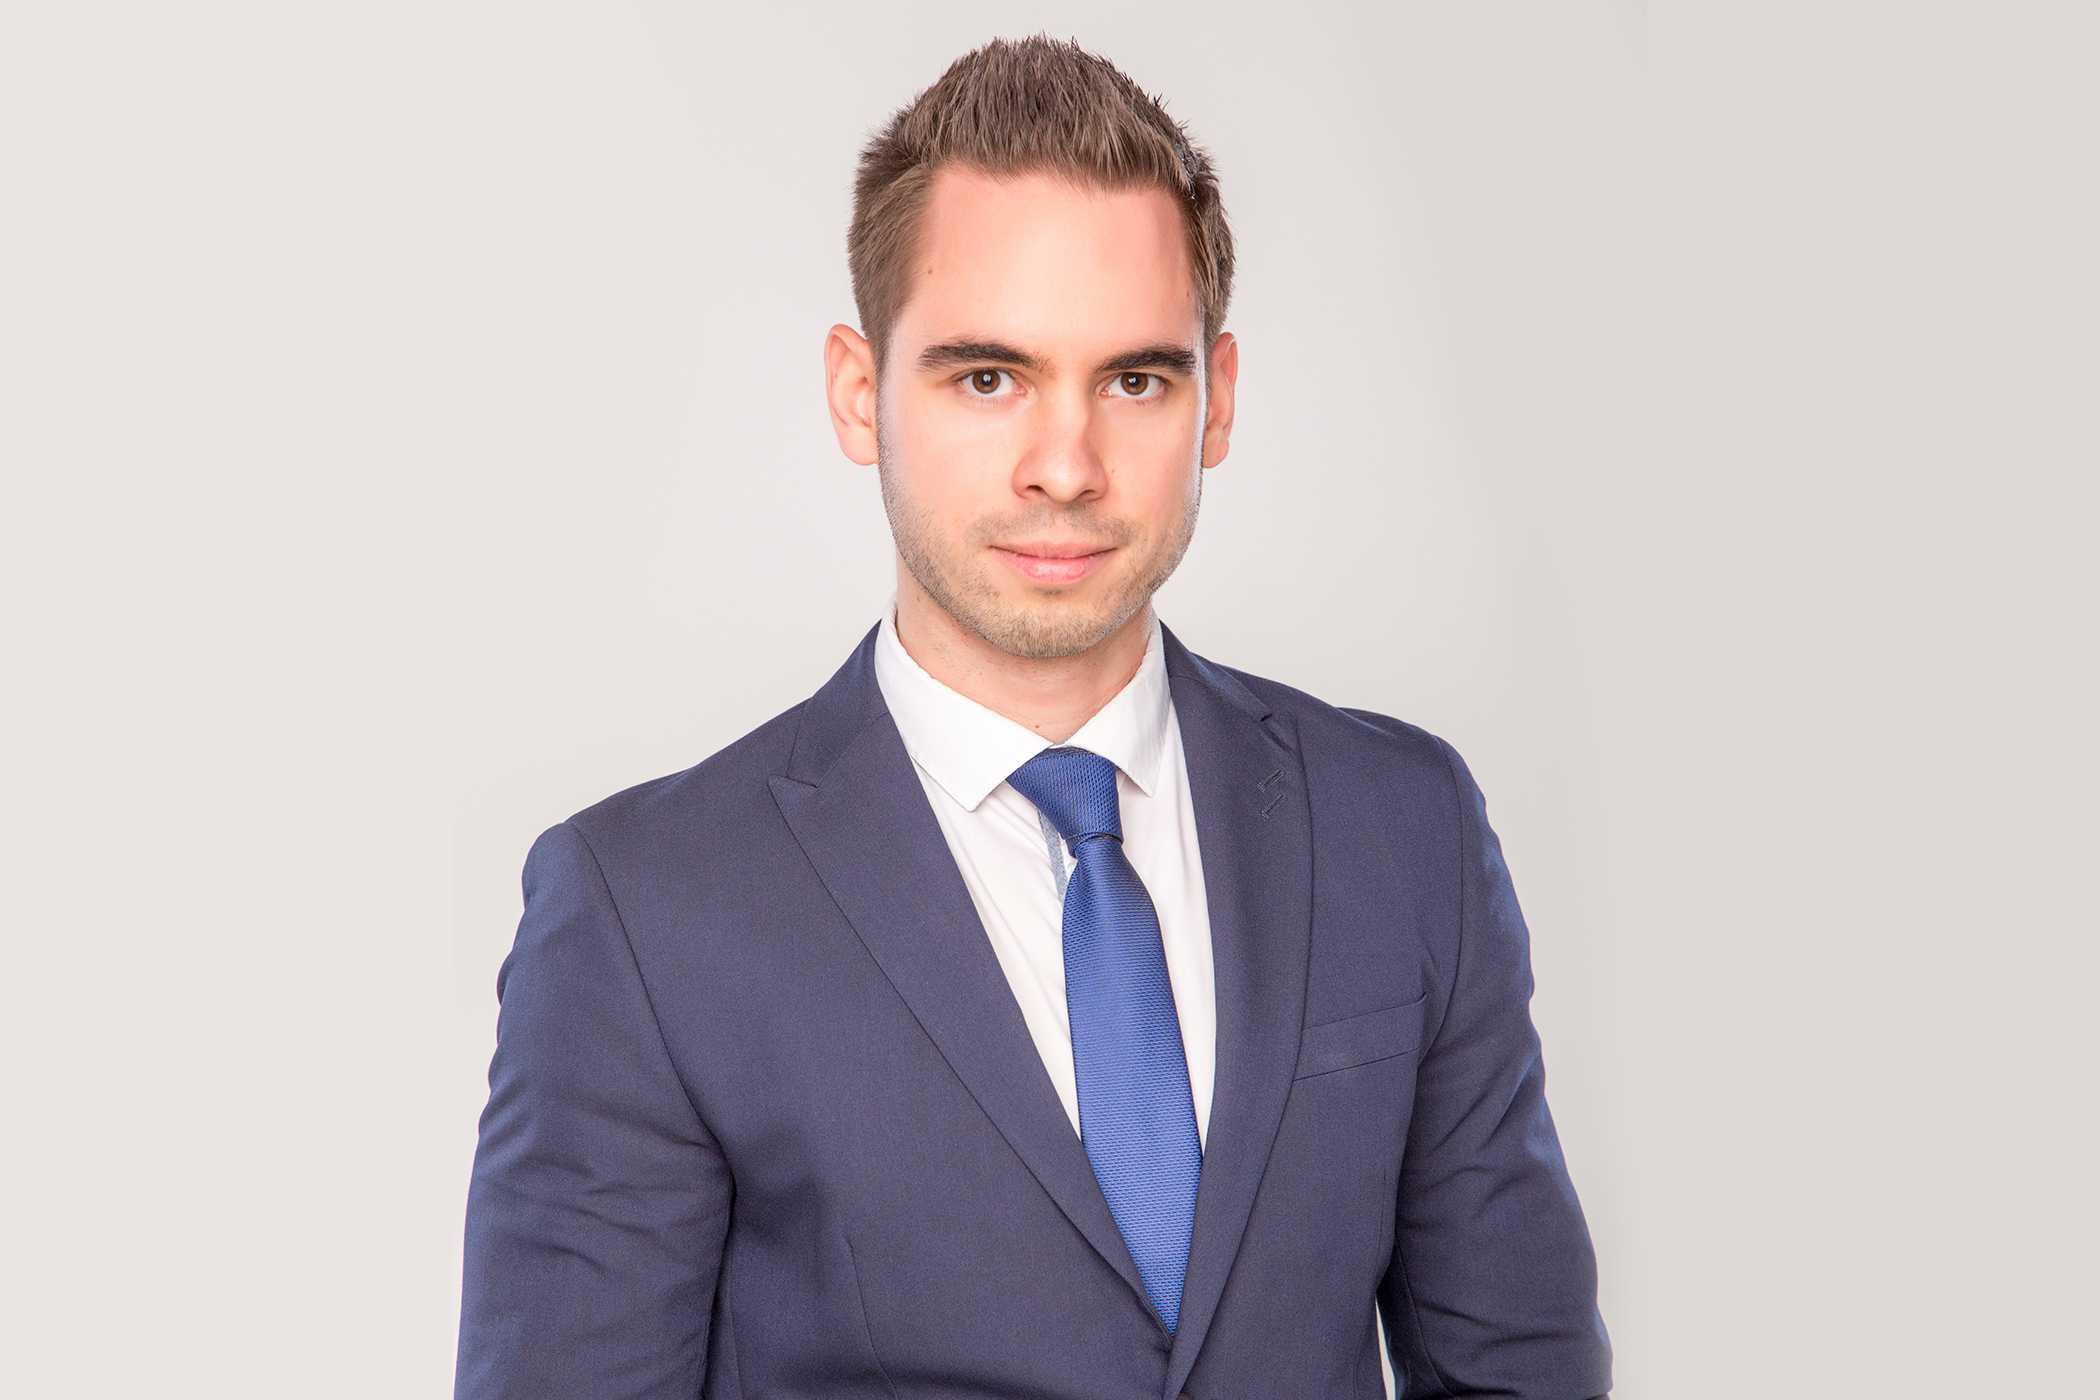 dr. Runyai Ferenc - ügyvéd, együttműködő partner